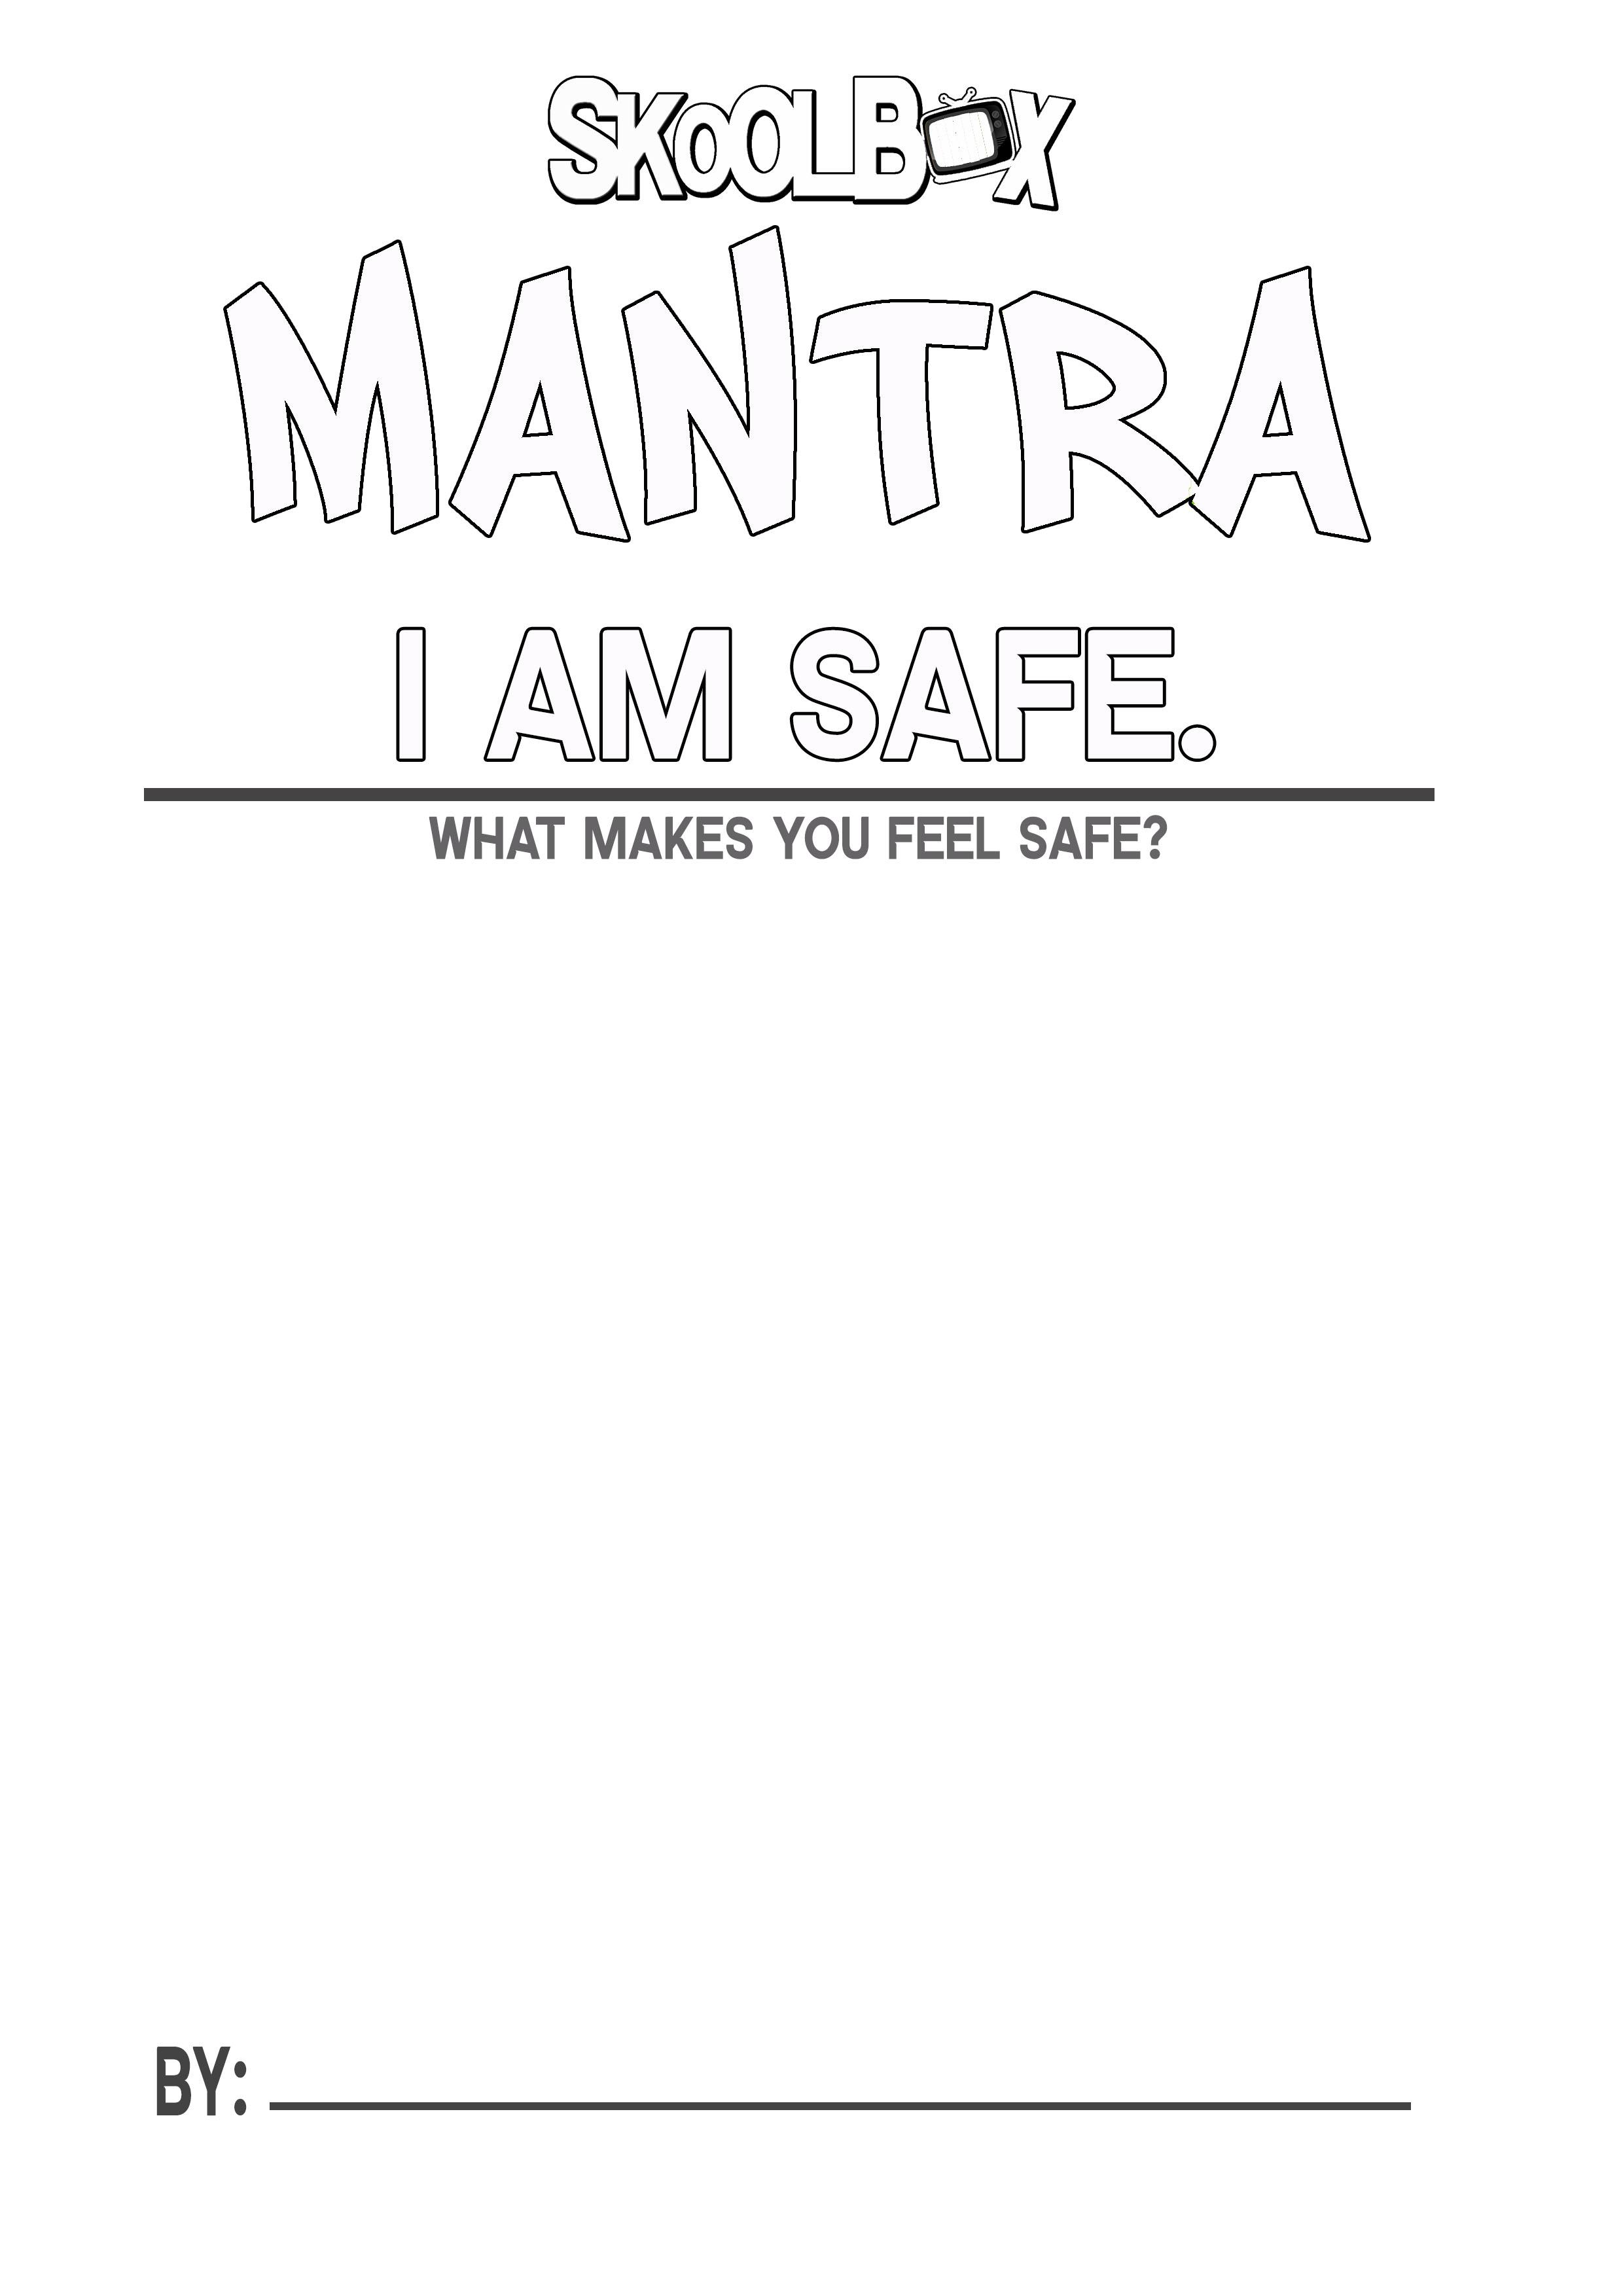 MANTRA 3 I AM SAFE